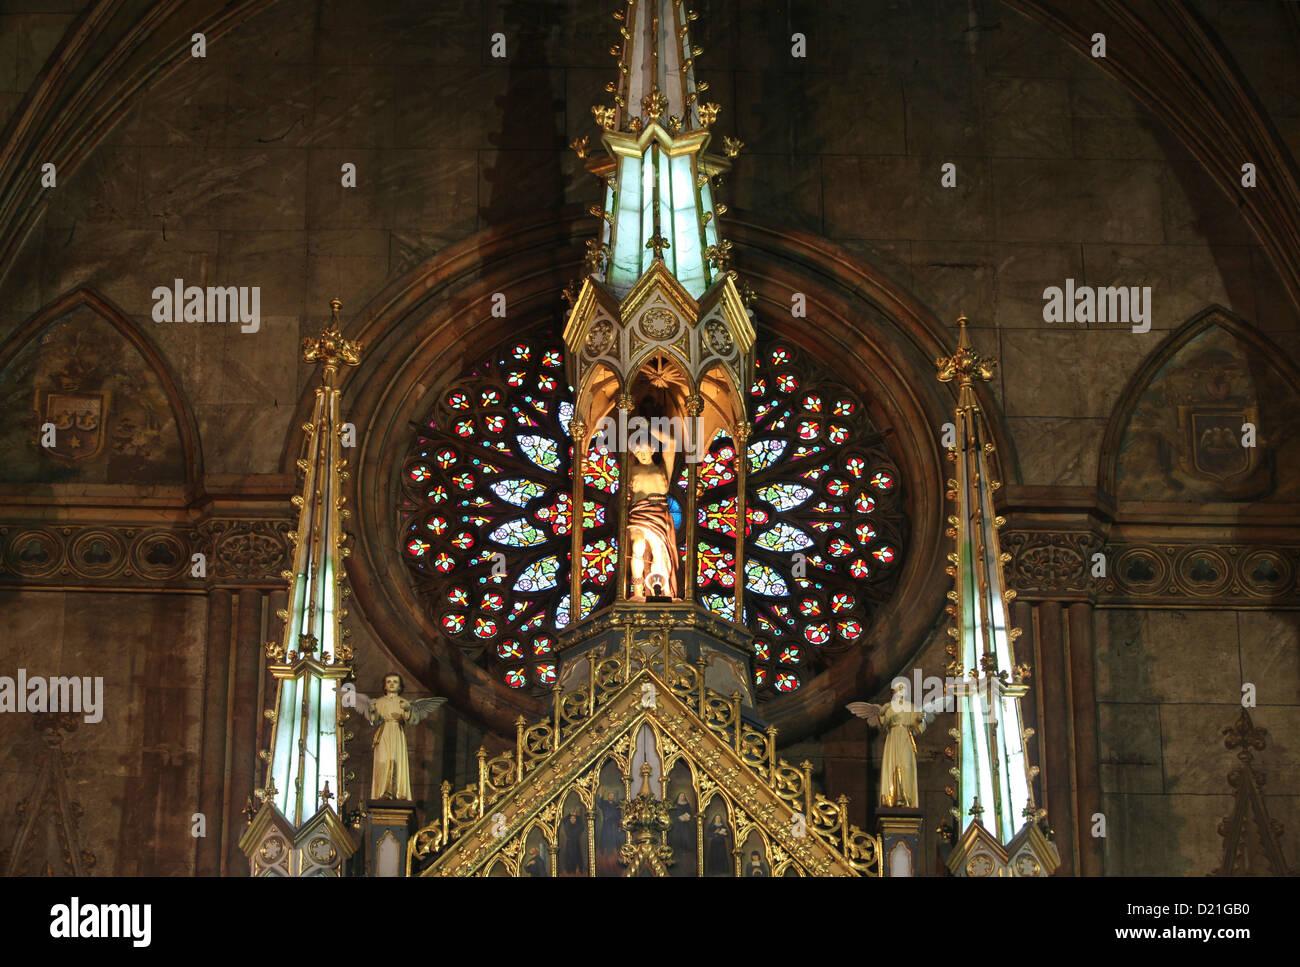 Estatua y vieja ventana de cristal pintado en la Basílica de San Sebastián, la única iglesia de acero Imagen De Stock